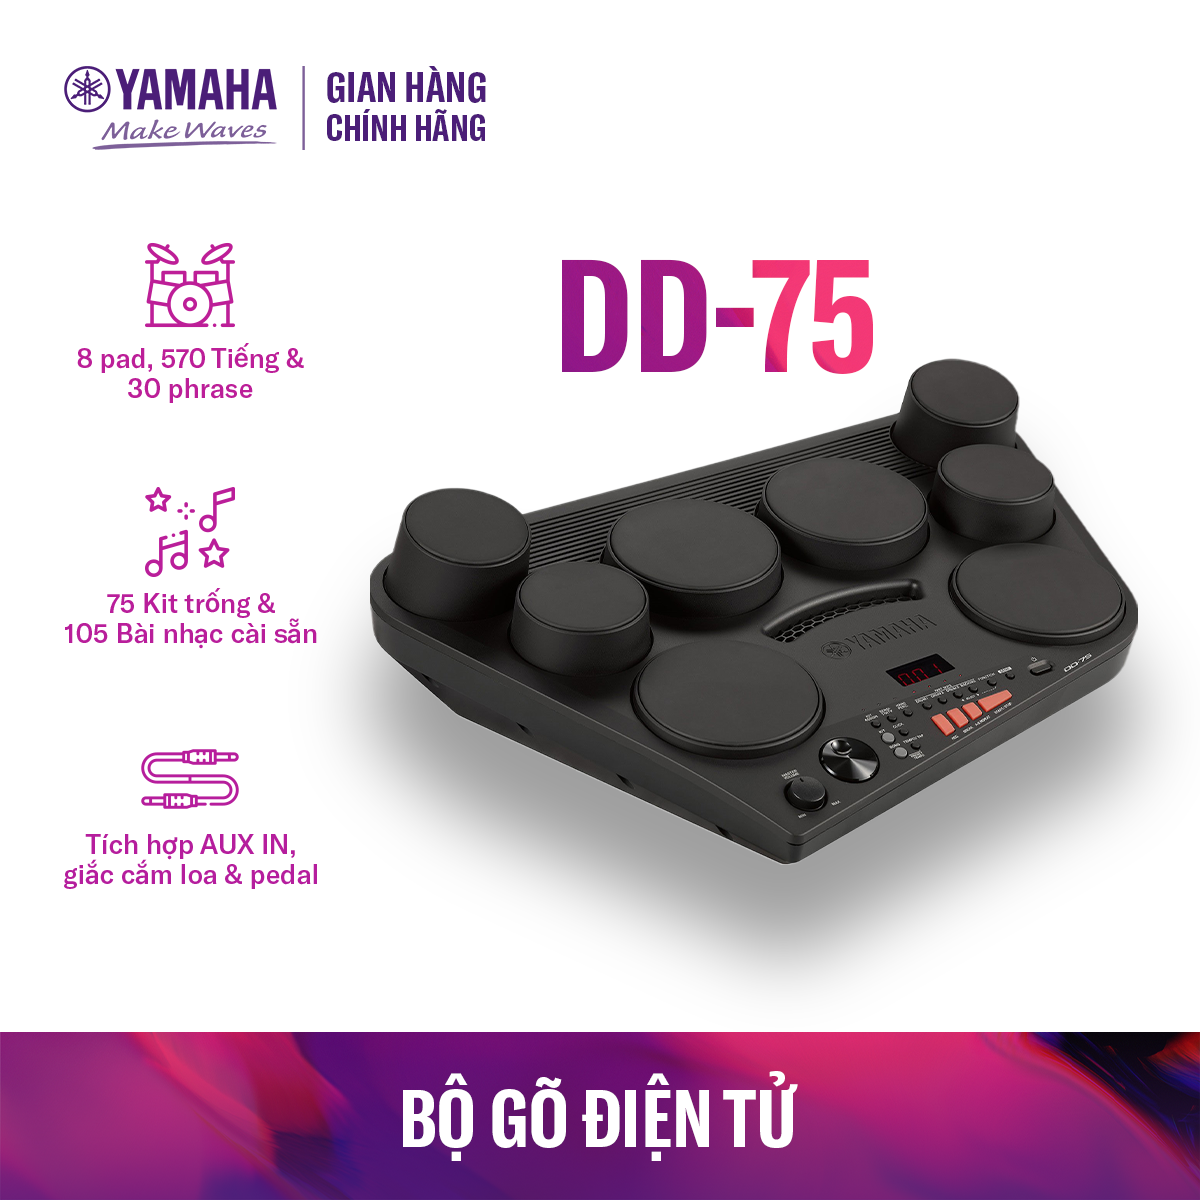 Trống điện tử Yamaha DD-75